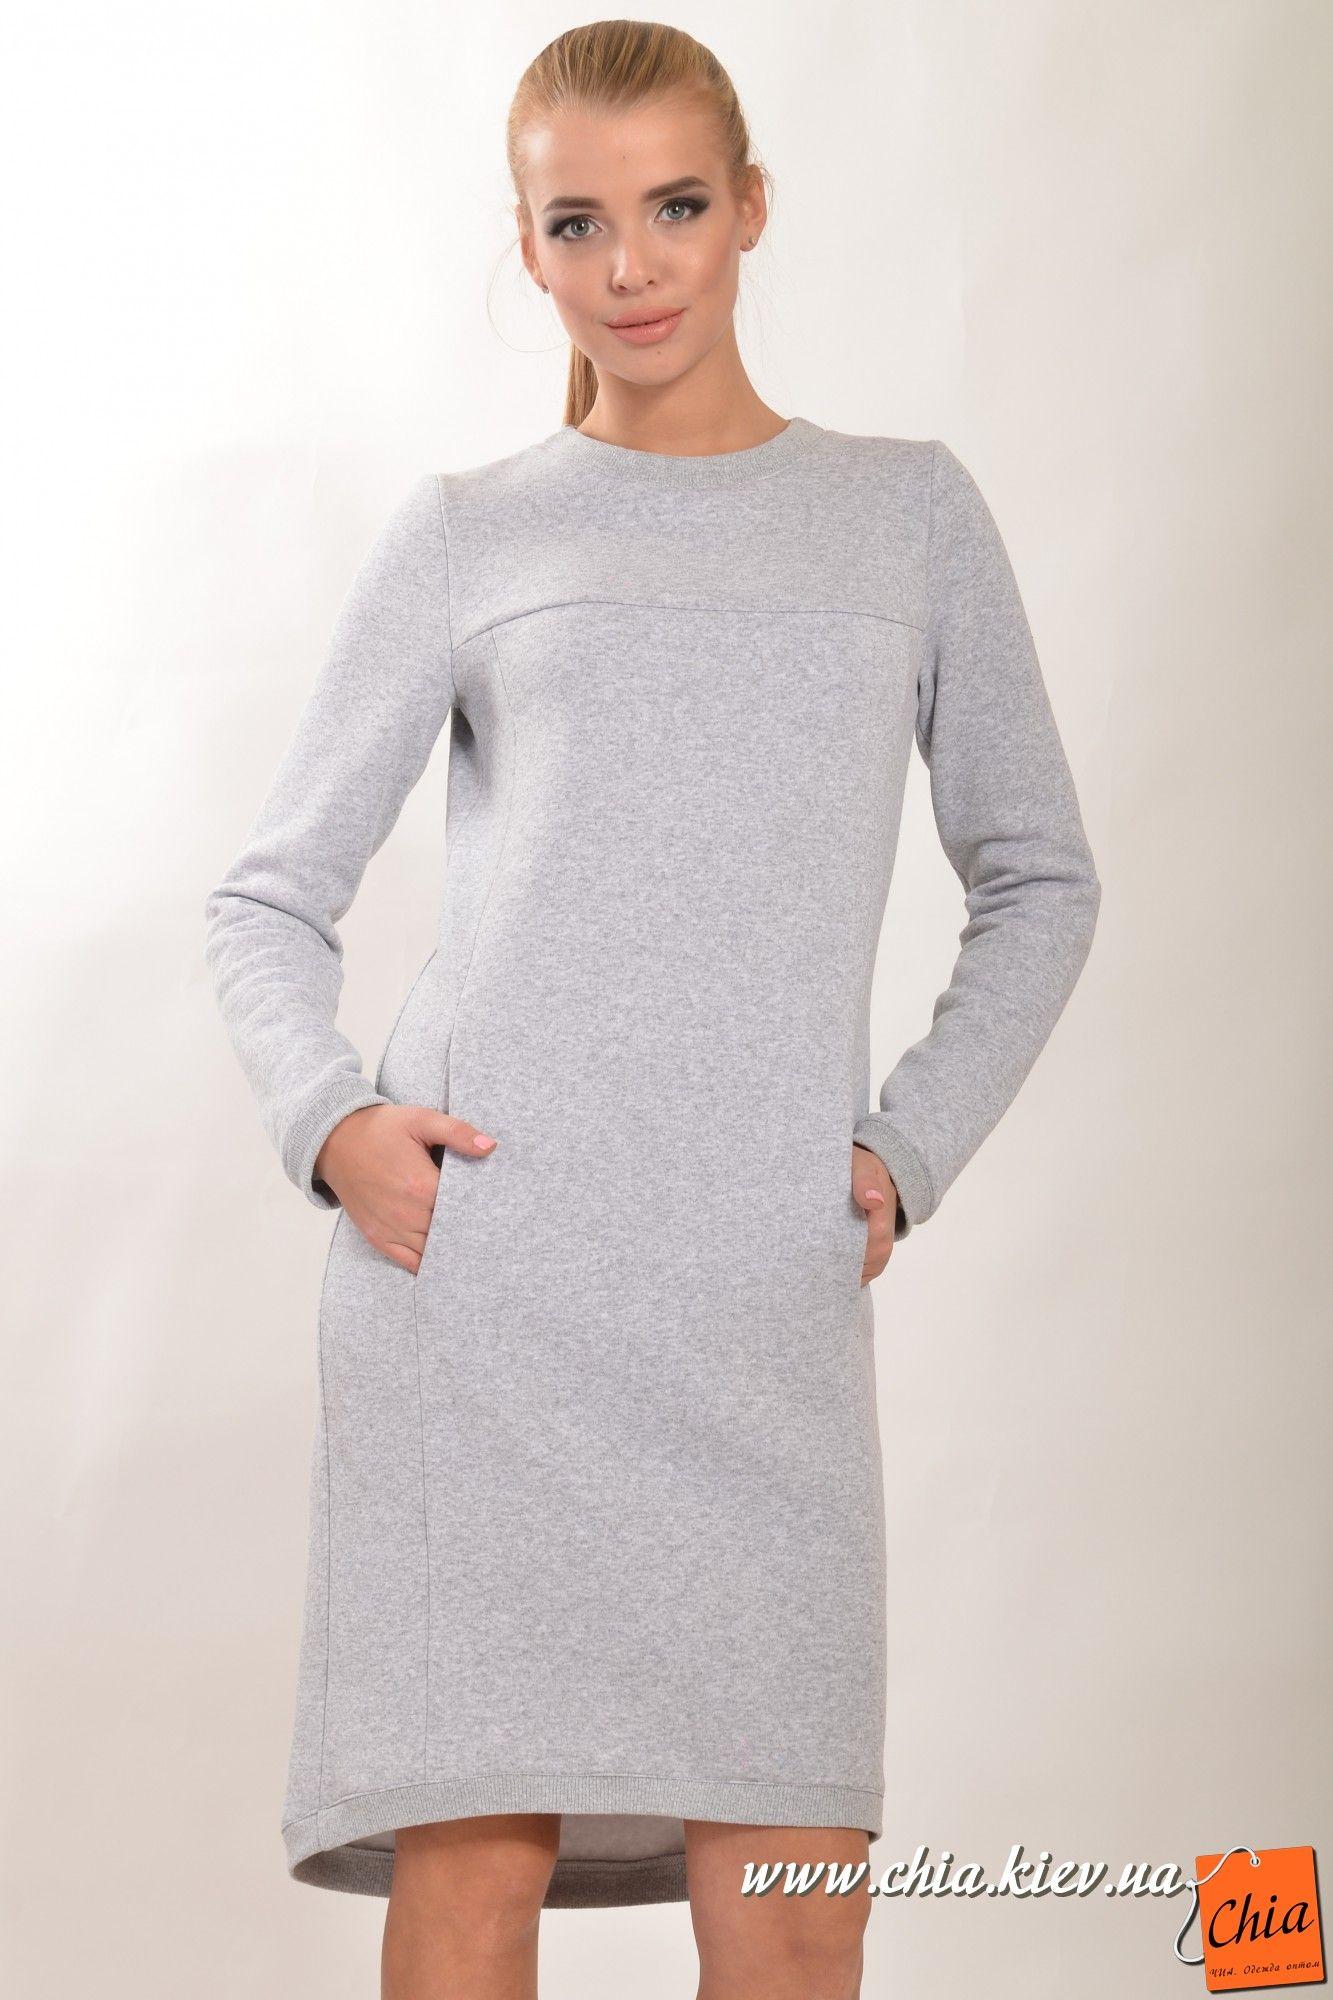 fa7e293a7e3 платье из футера  17 тыс изображений найдено в Яндекс.Картинках ...